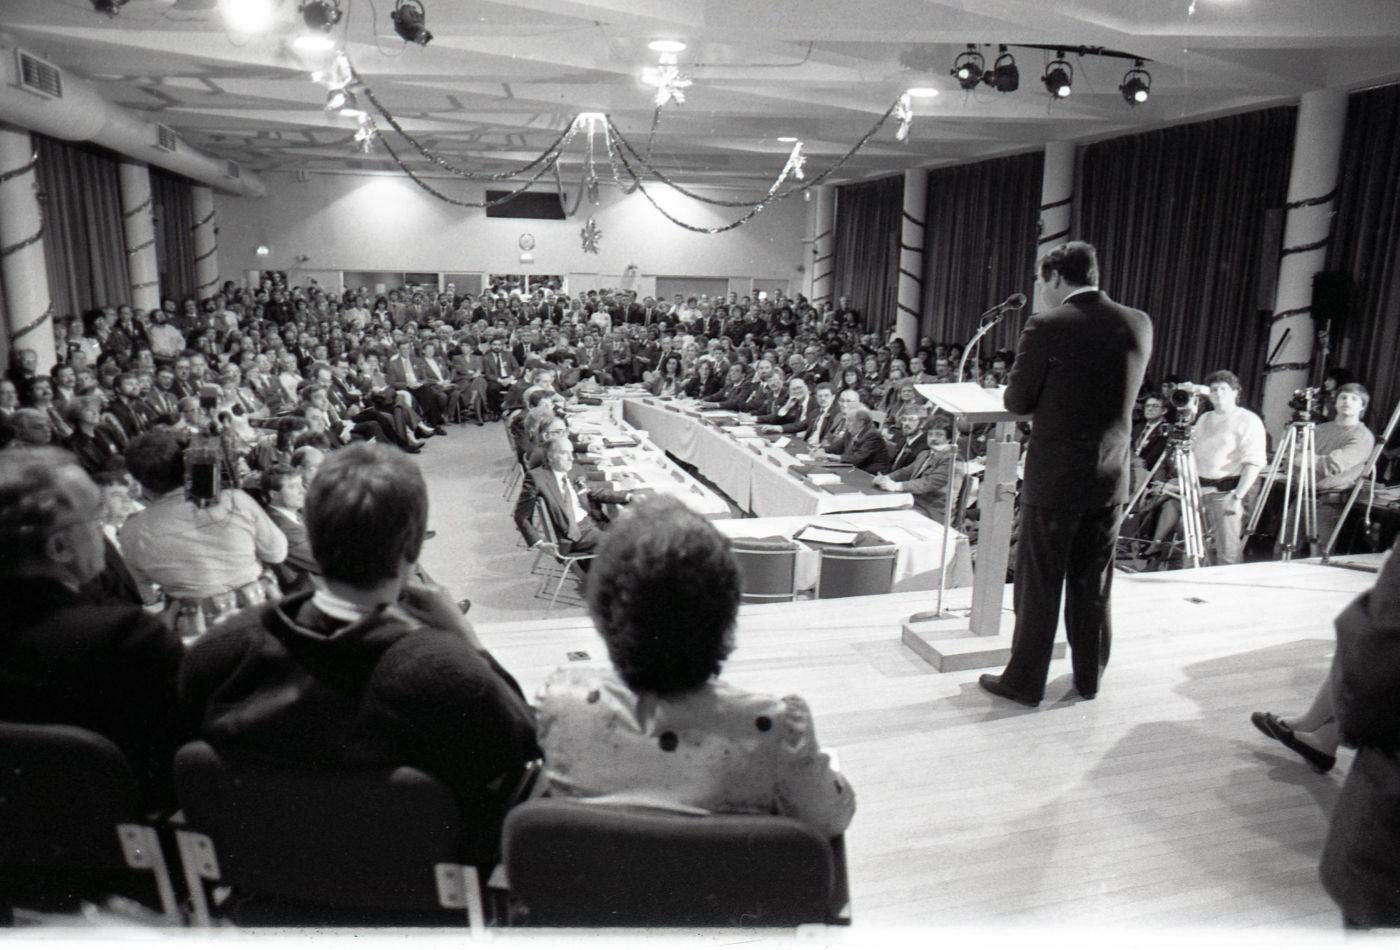 Photographie en noir et blanc d'un homme vu de dos en costume, debout sur une scène et parlant au microphone. Il s'adresse à un public nombreux dans une salle comble et à des journalistes.